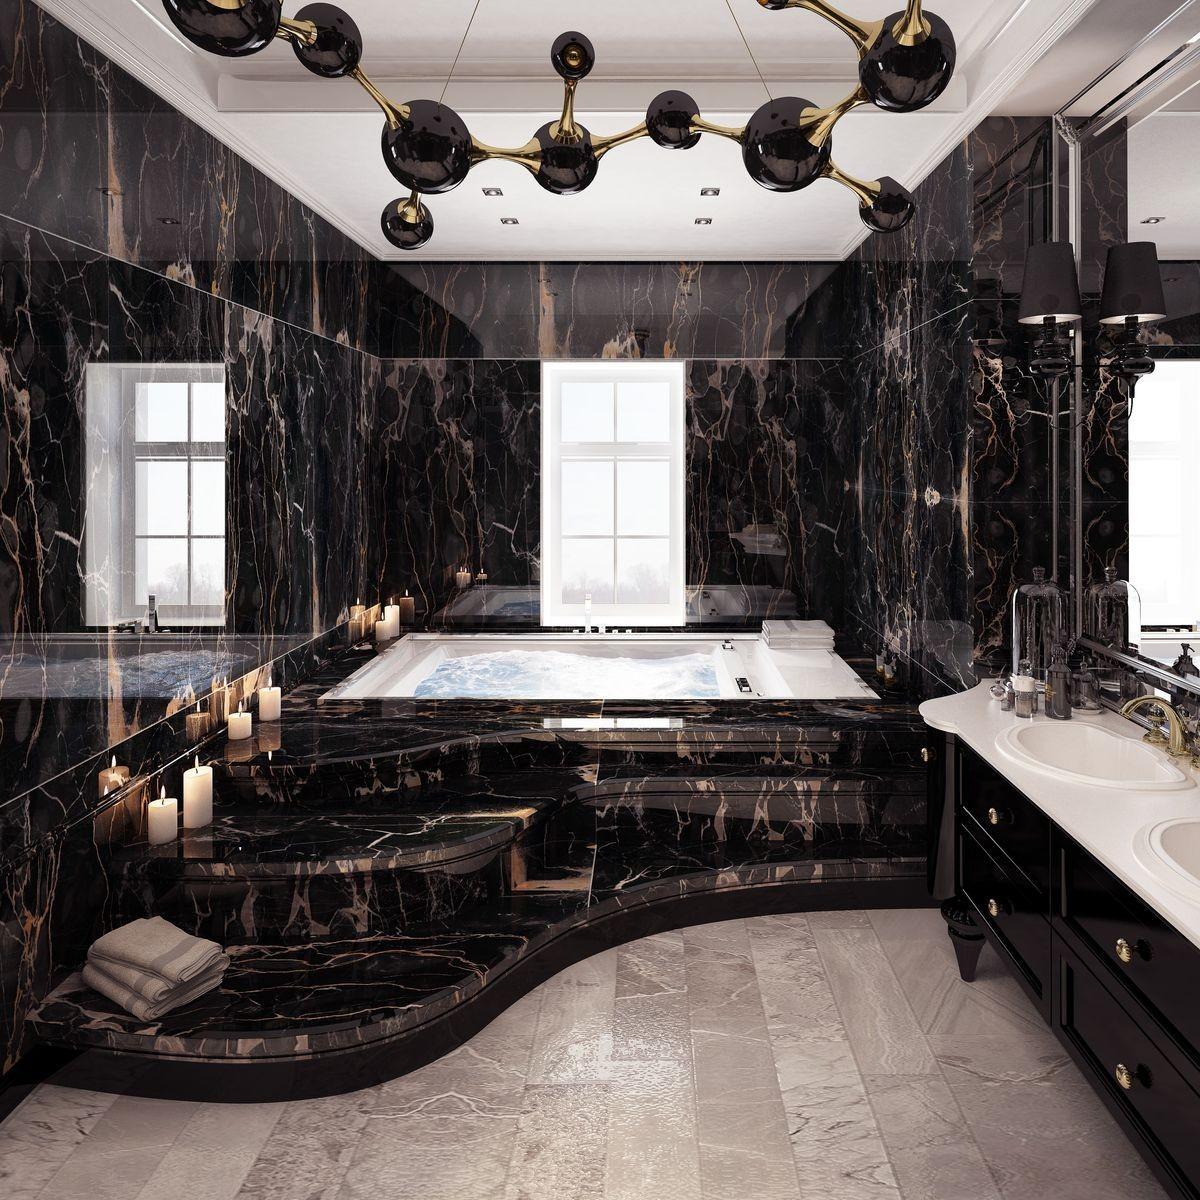 Jacuzzi Tub Master Bathroom It On We Heart It